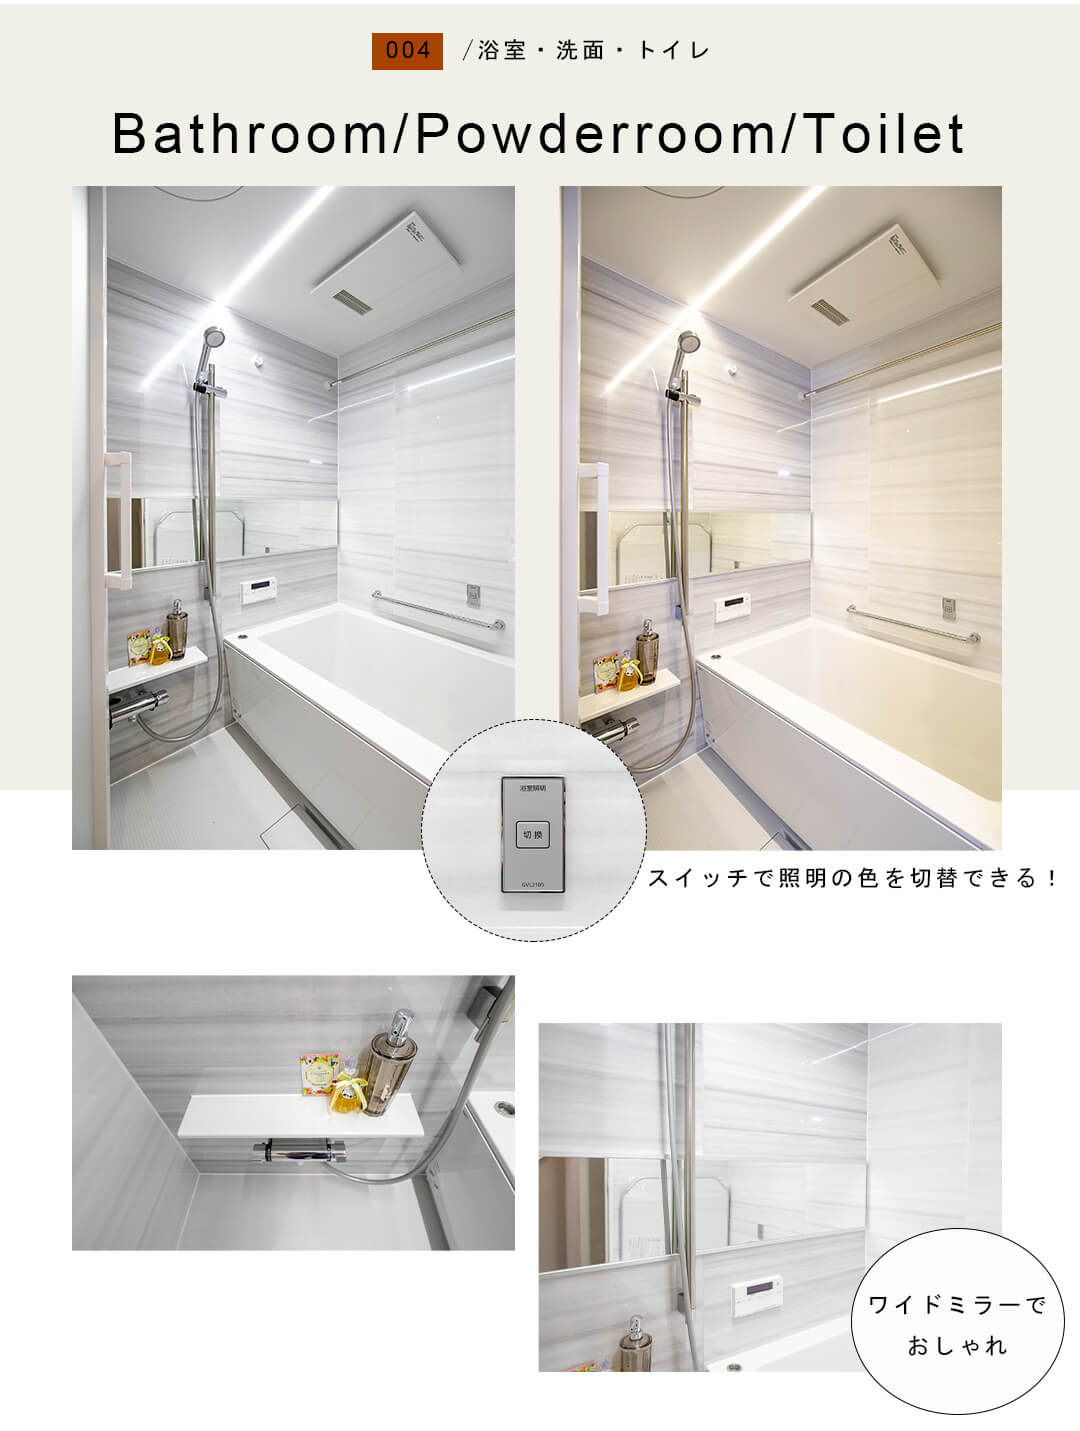 マイキャッスル大井町Ⅱの浴室